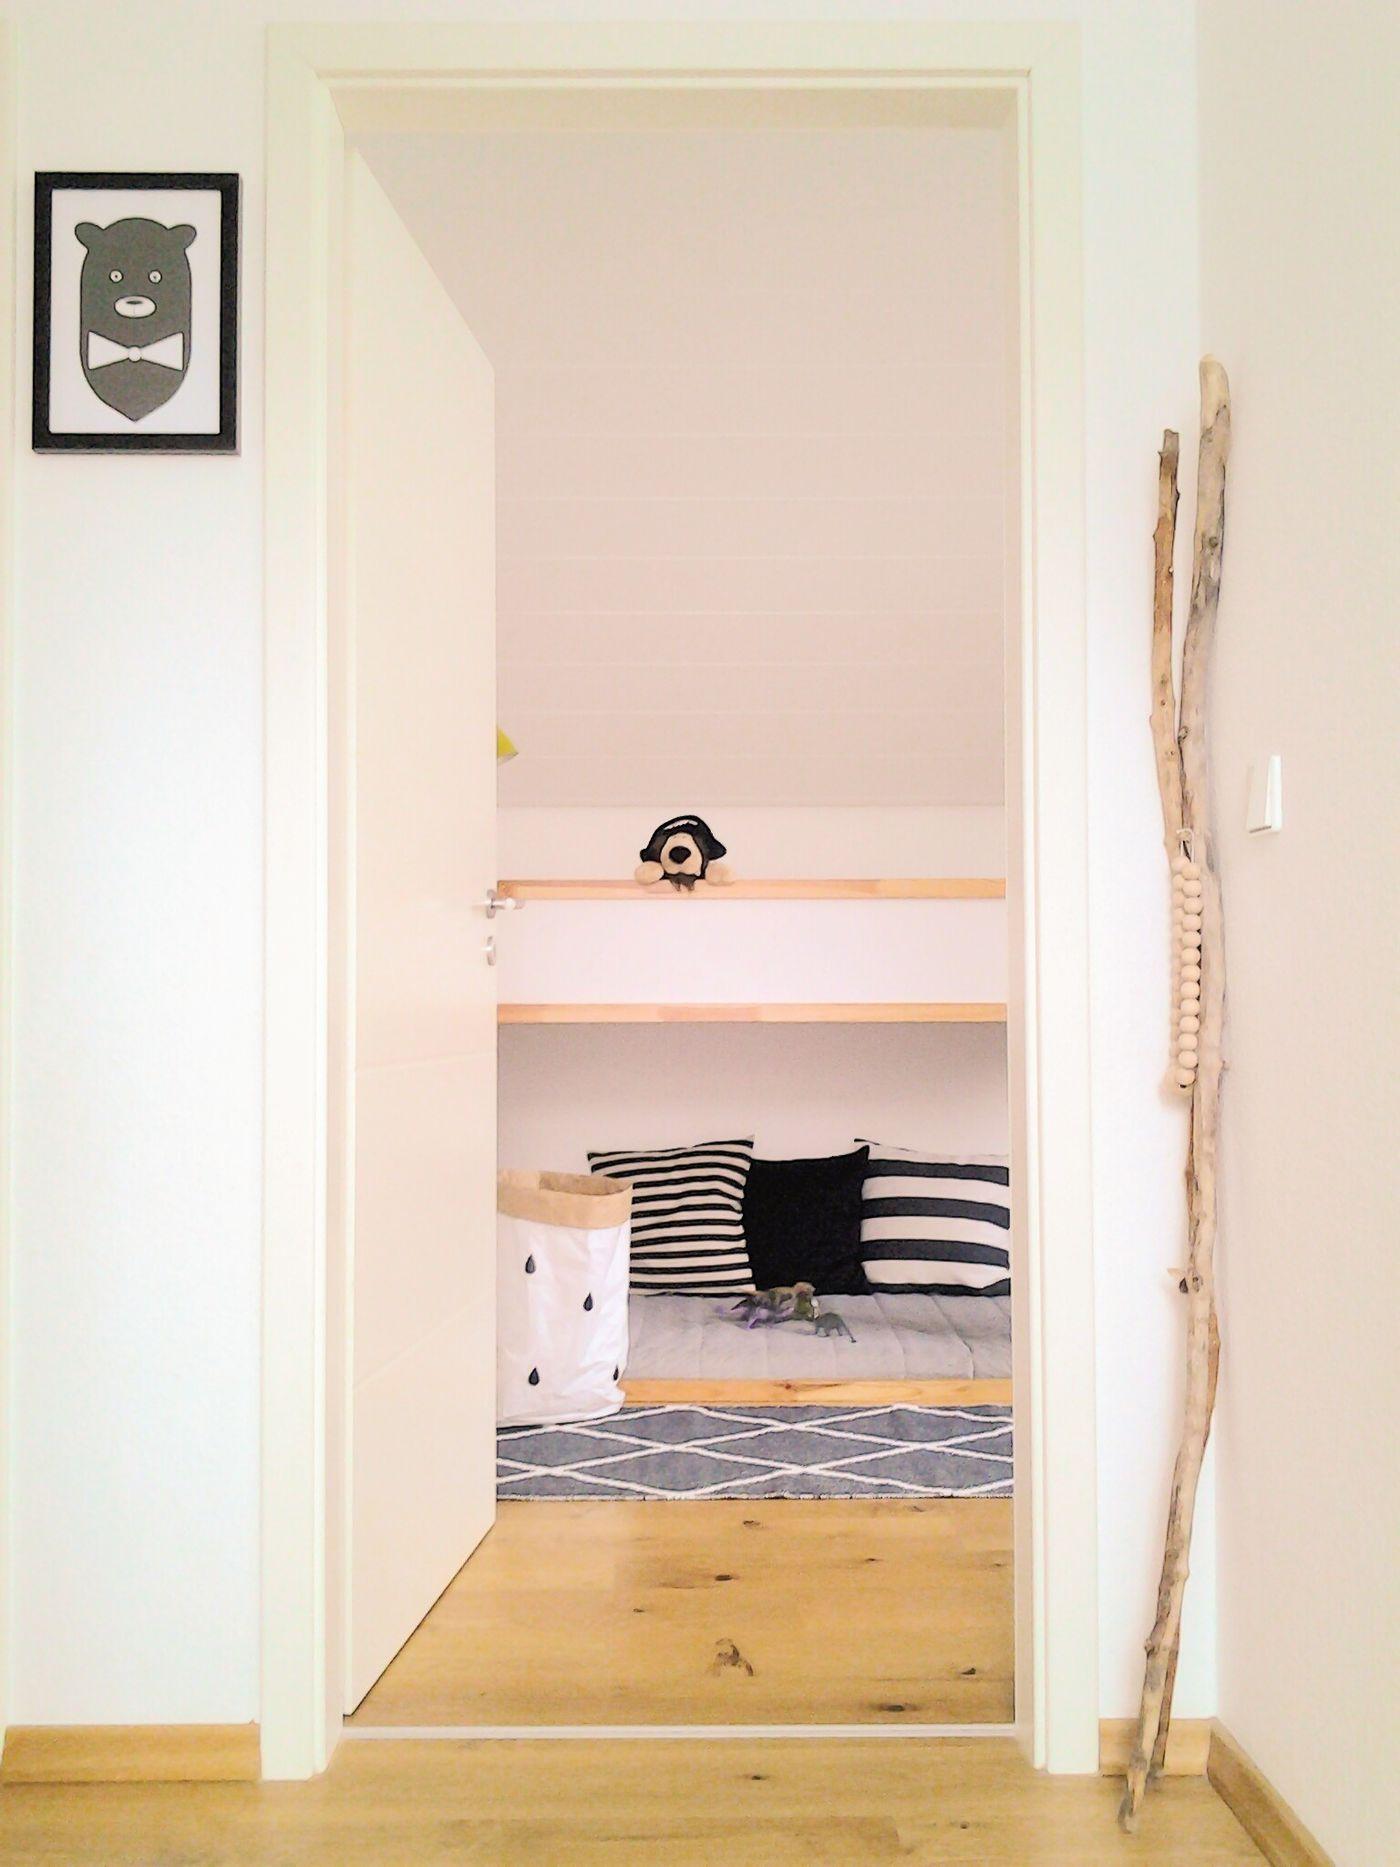 Full Size of Deckenleuchte Skandinavisches Design Holz Skandinavisch Flur Schlafzimmer Skandinavischer Stil Deckenleuchten Wohnzimmer Kinderzimmer Skandinavische Led Bad Wohnzimmer Deckenleuchte Skandinavisch